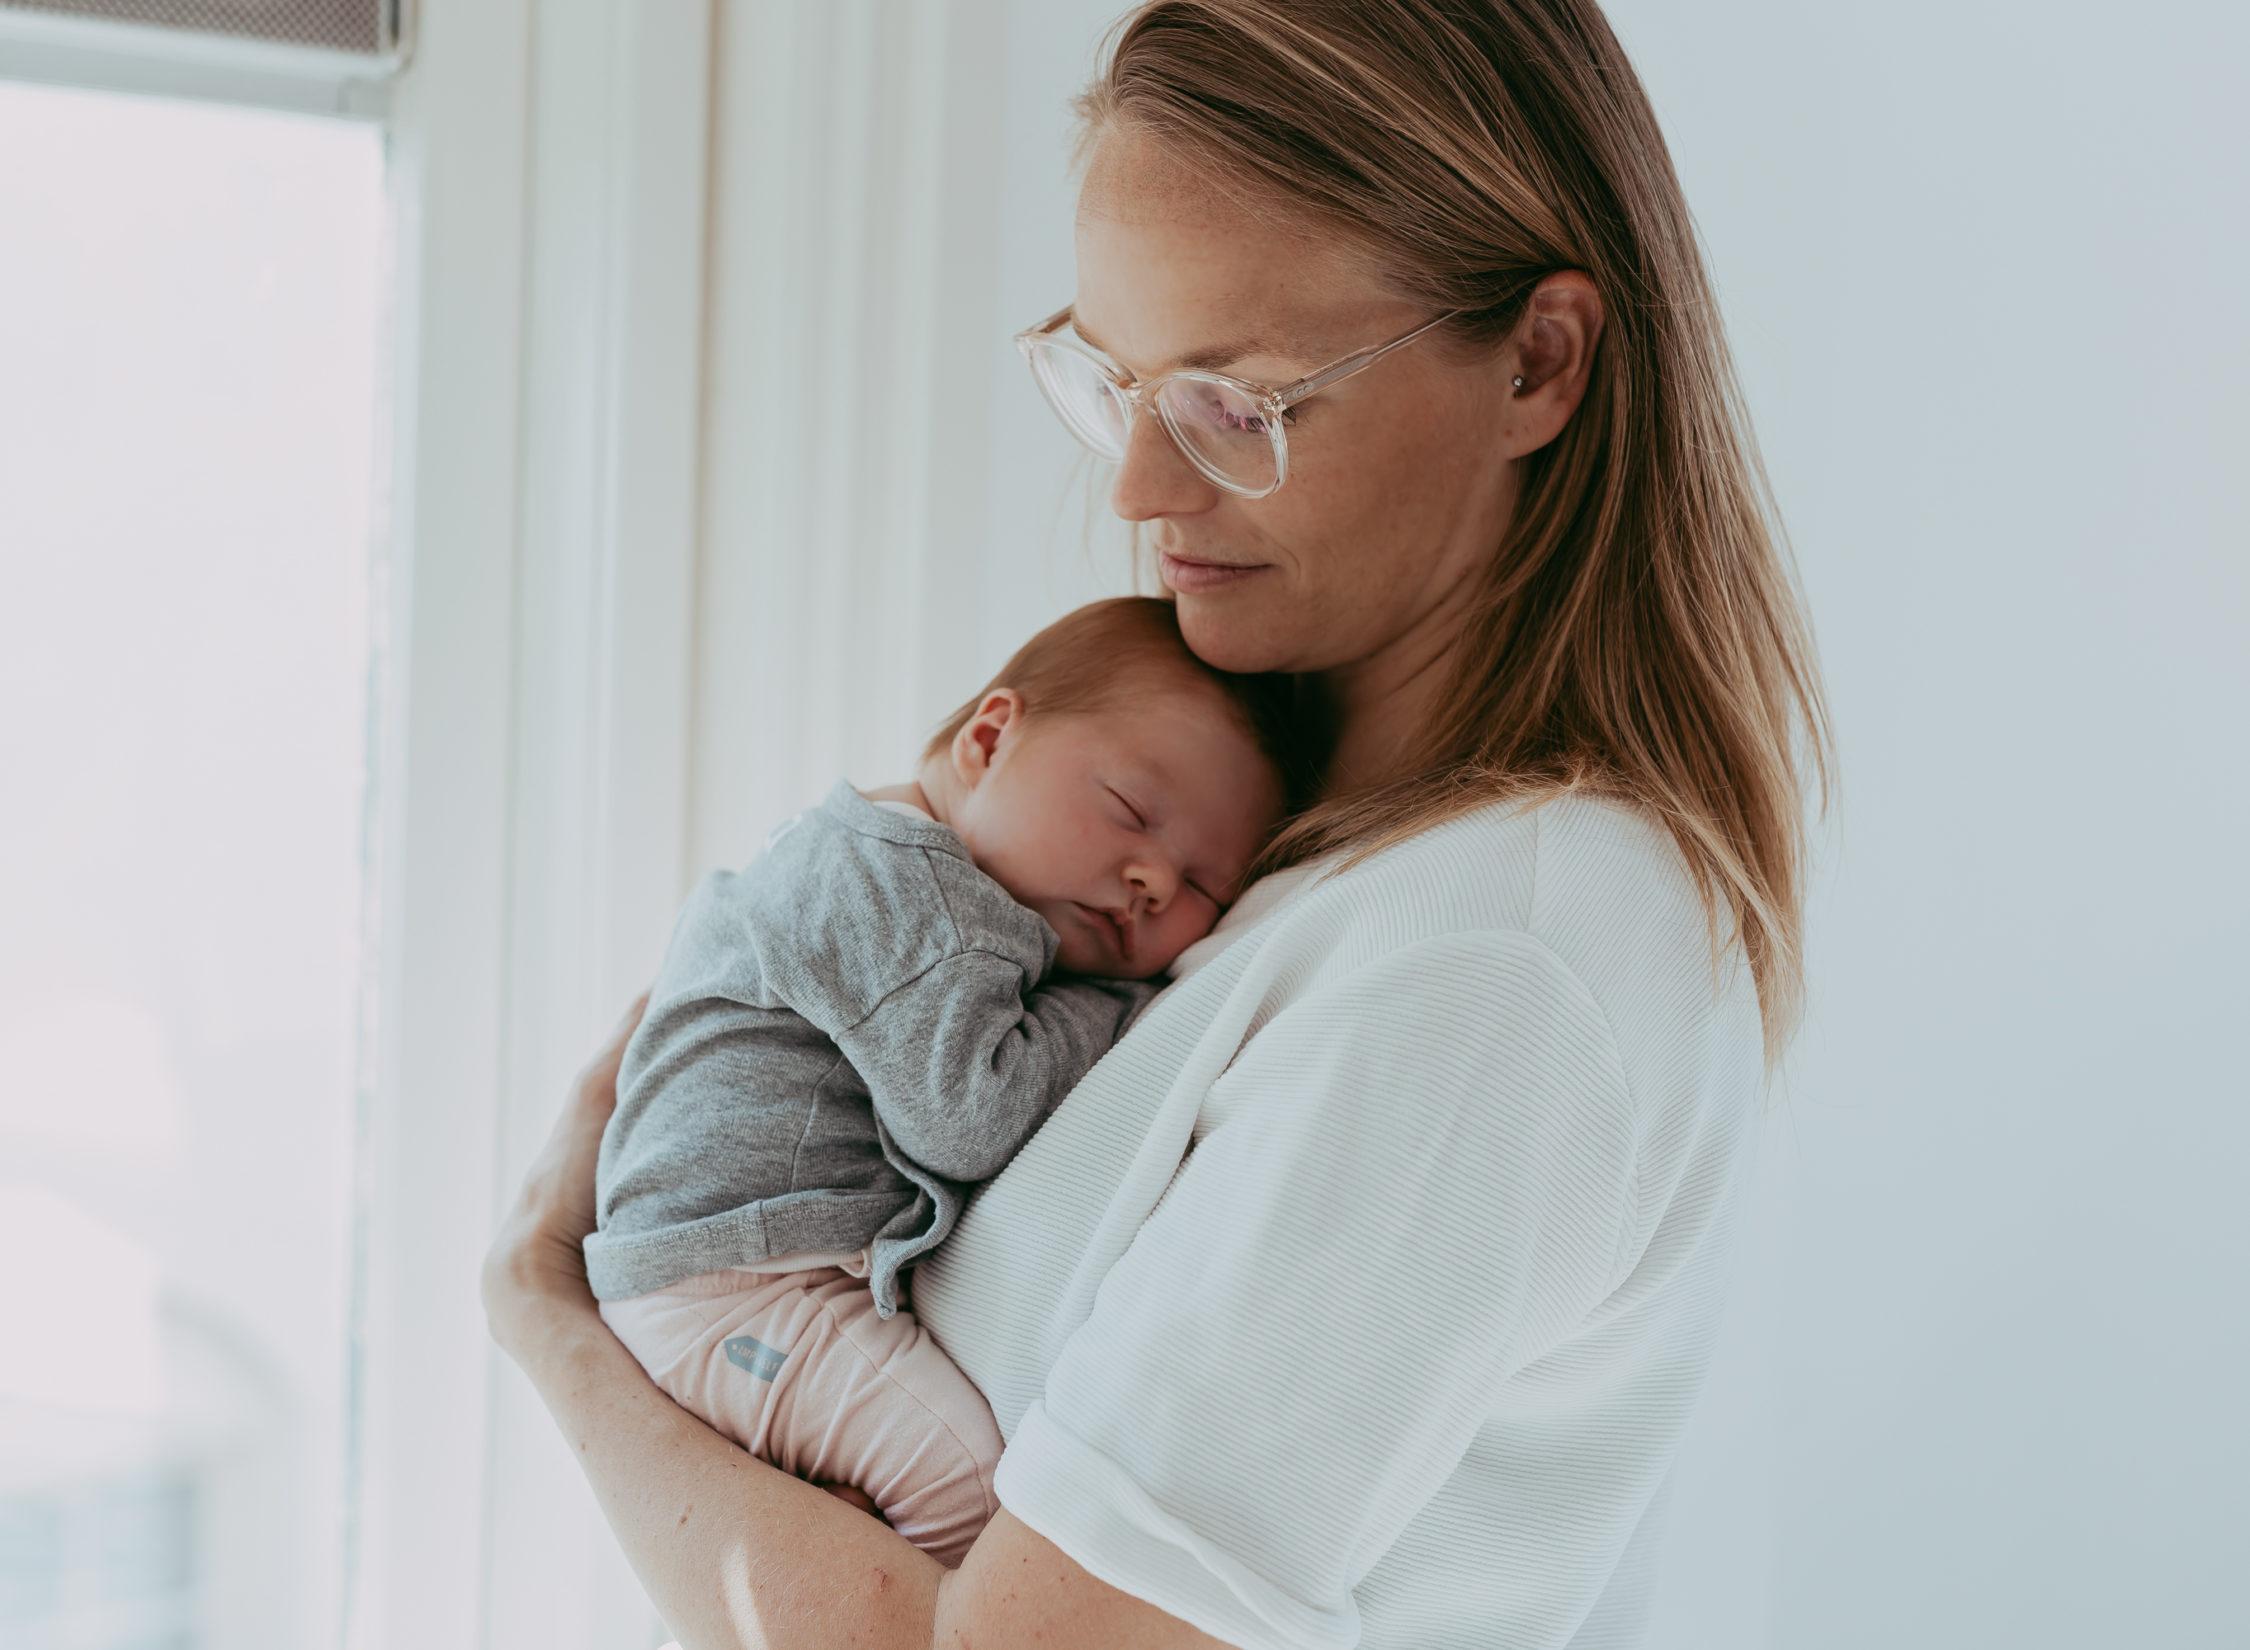 newbornshoot fotograaf amersfoort leusden